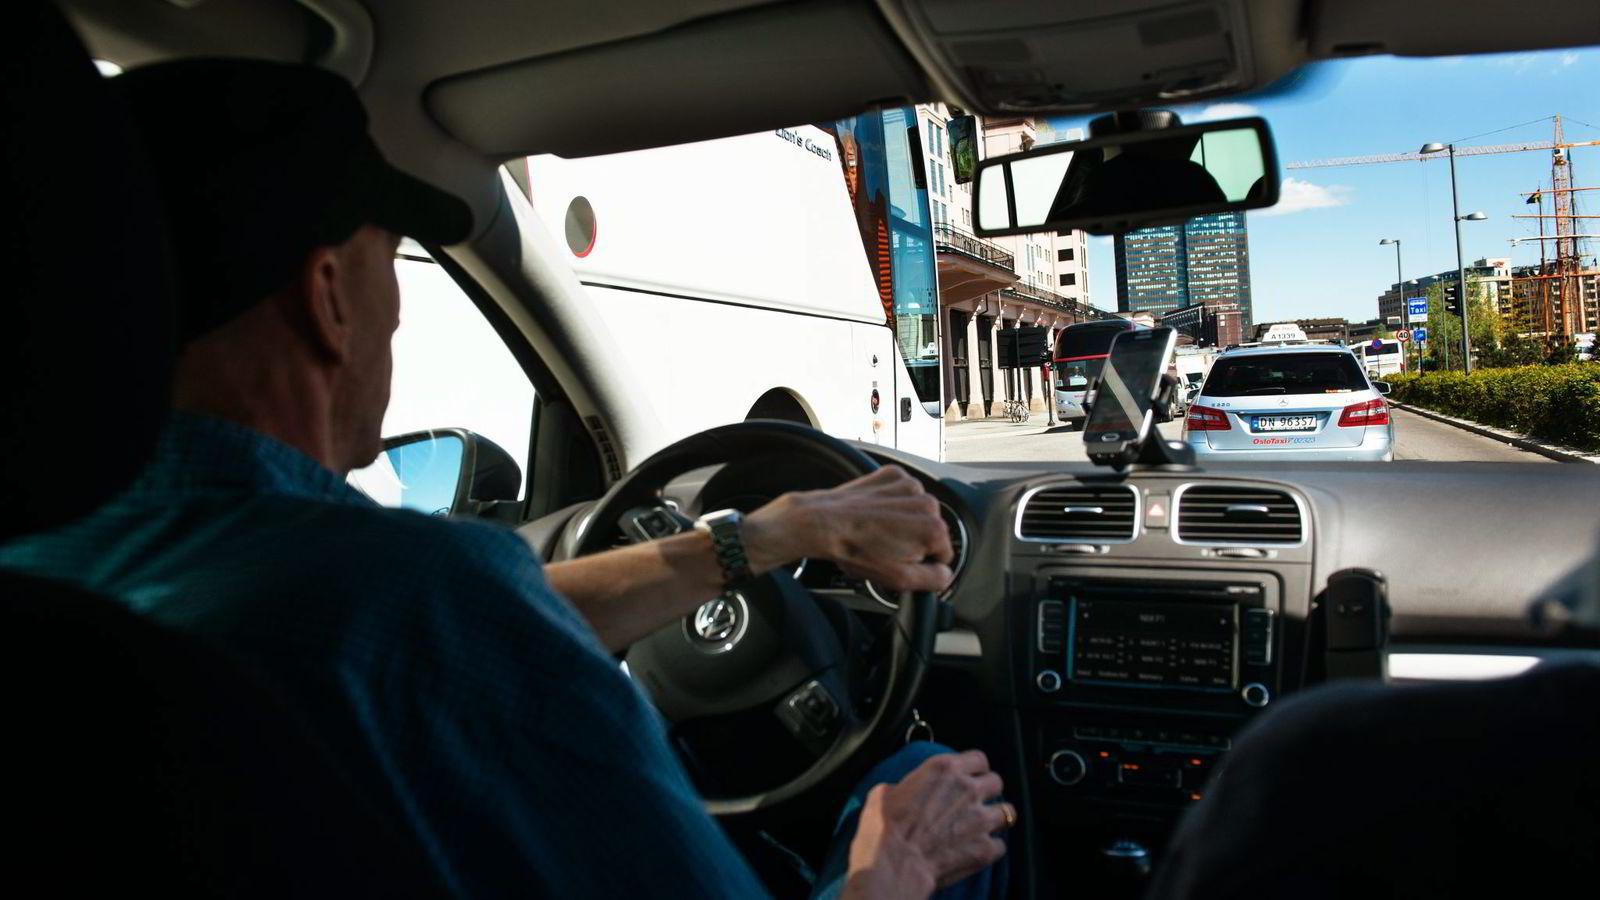 Uber-sjåføren i Oslo avviser at han kjører pirat parallelt med den etablerte drosjenæringen. Hvis sjåførene blir bøtelagt, vil det være slutten på hans kjøring for den omstridte tjenesten.